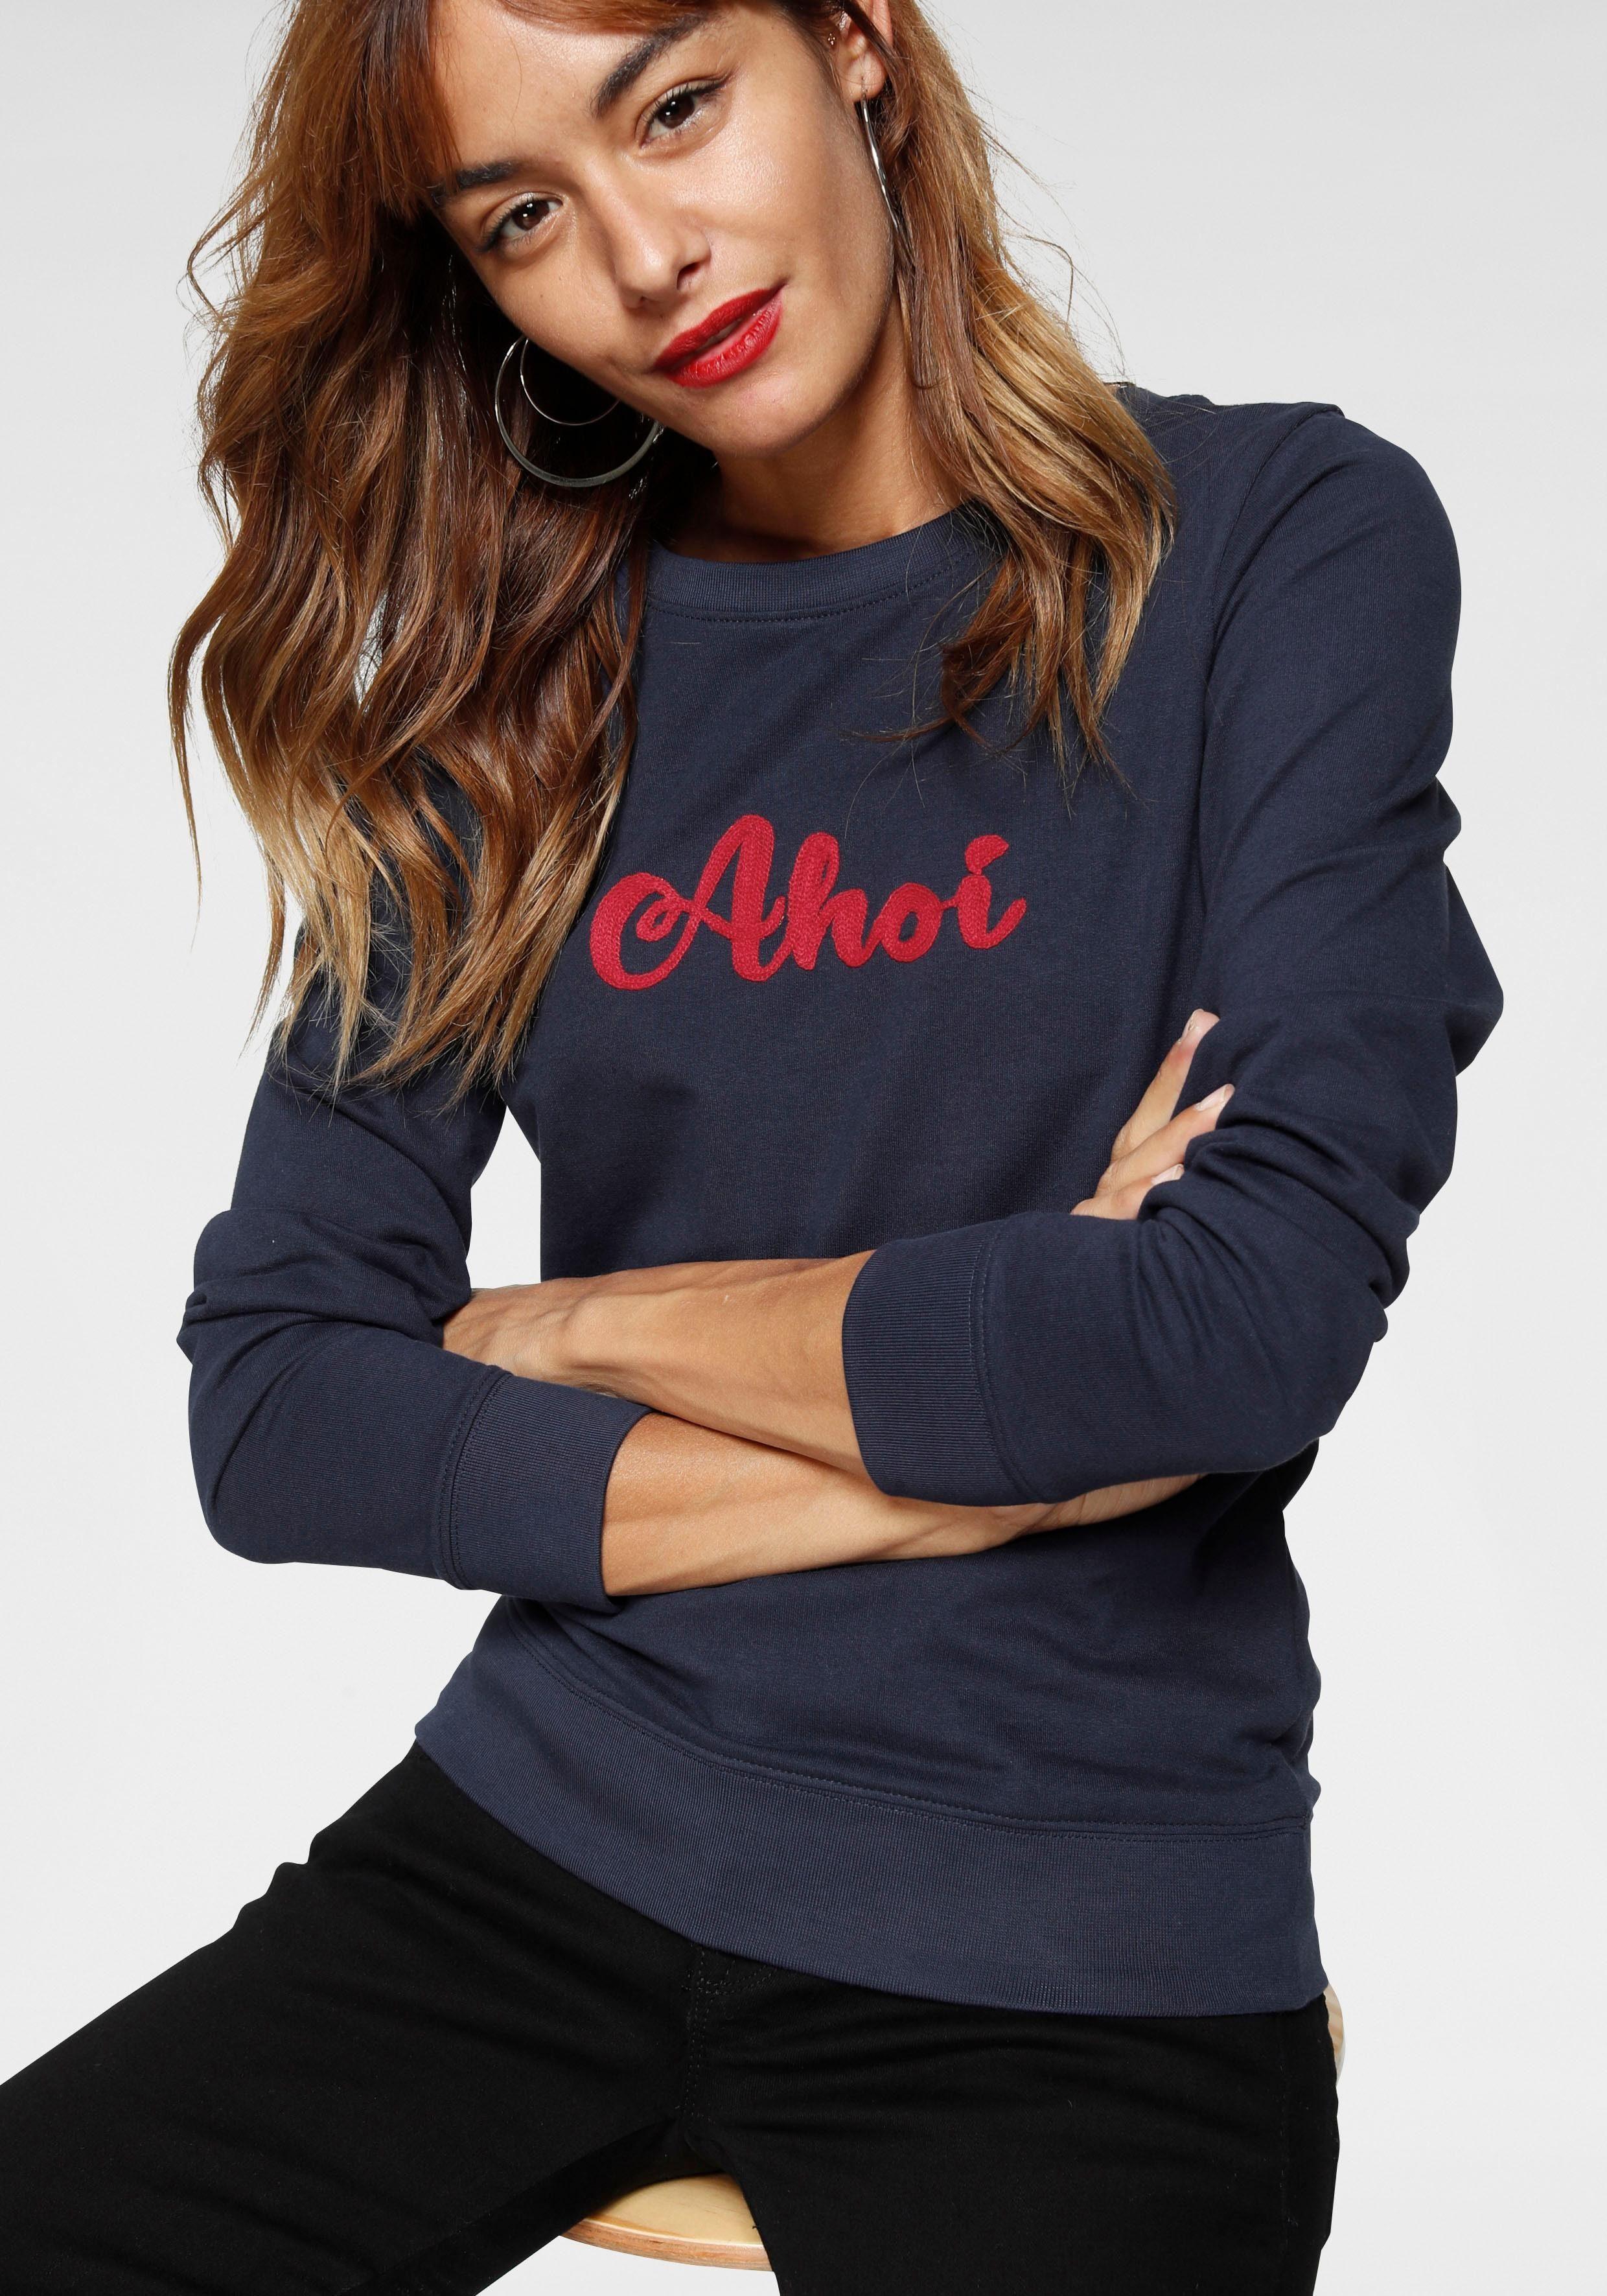 AJC Sweatshirt mit maritimer Stickerei, Modisches Damen Sweaty von AJC online kaufen | OTTO